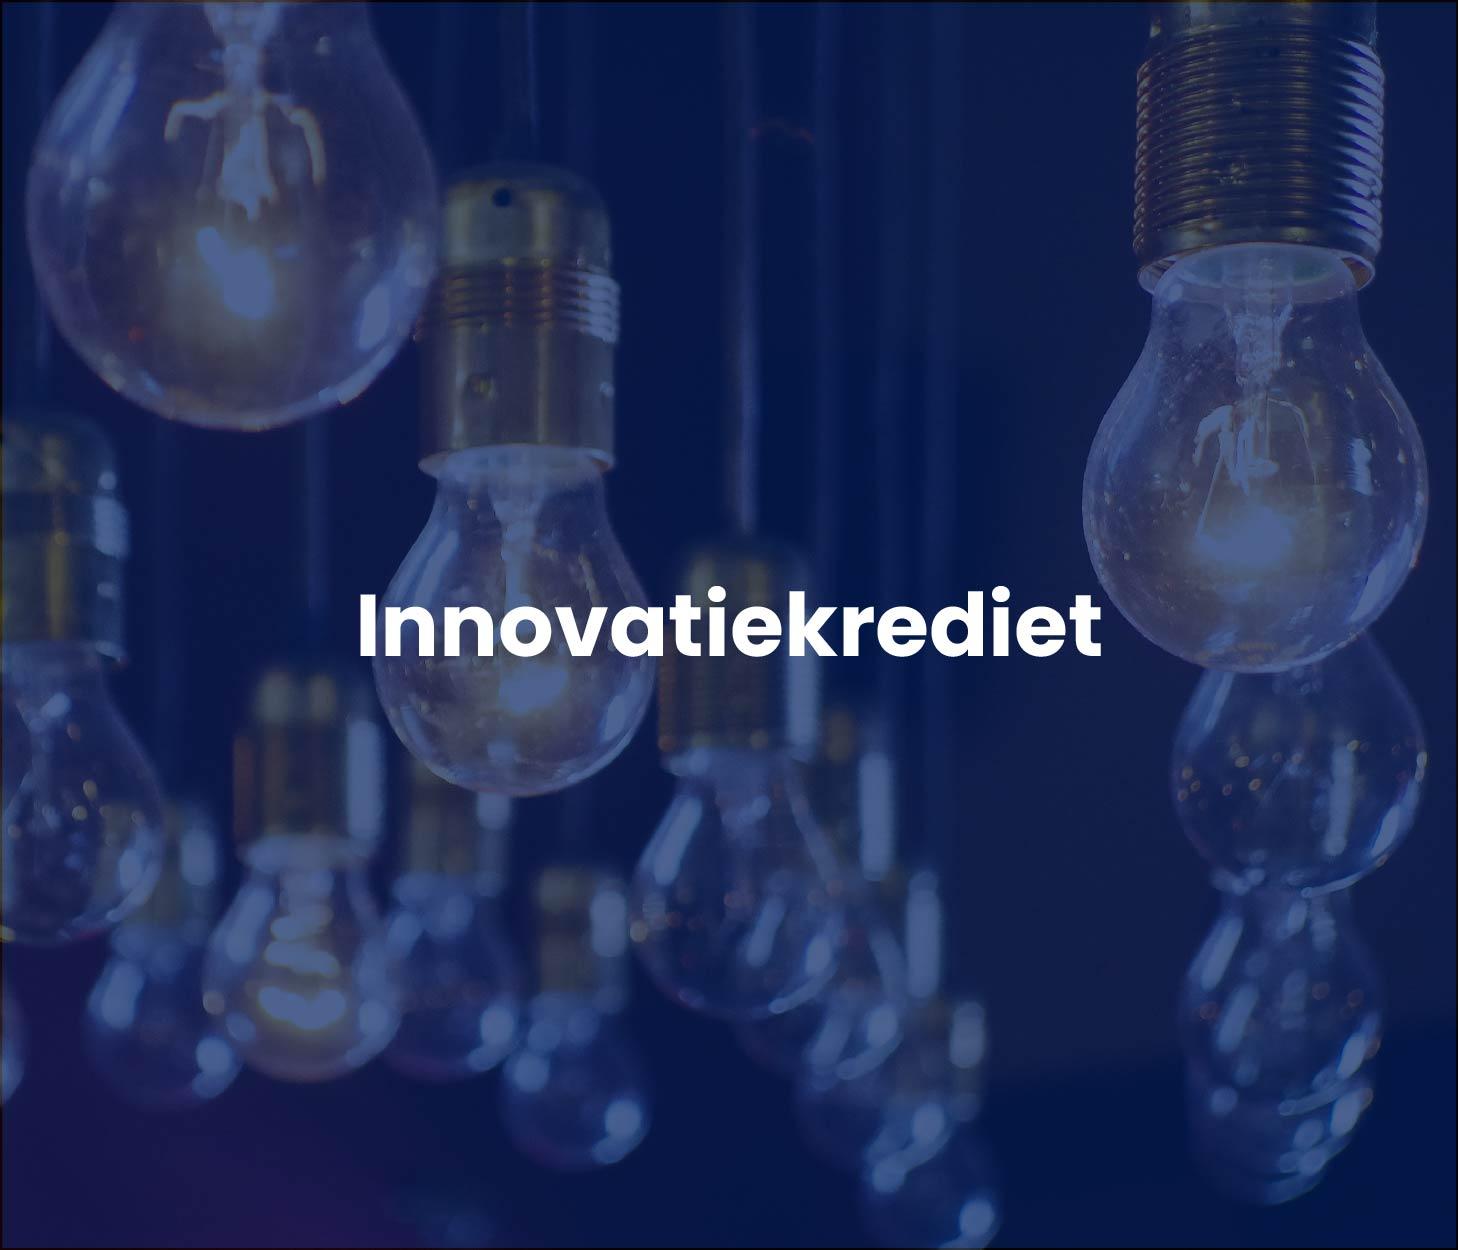 Innovatiekrediet